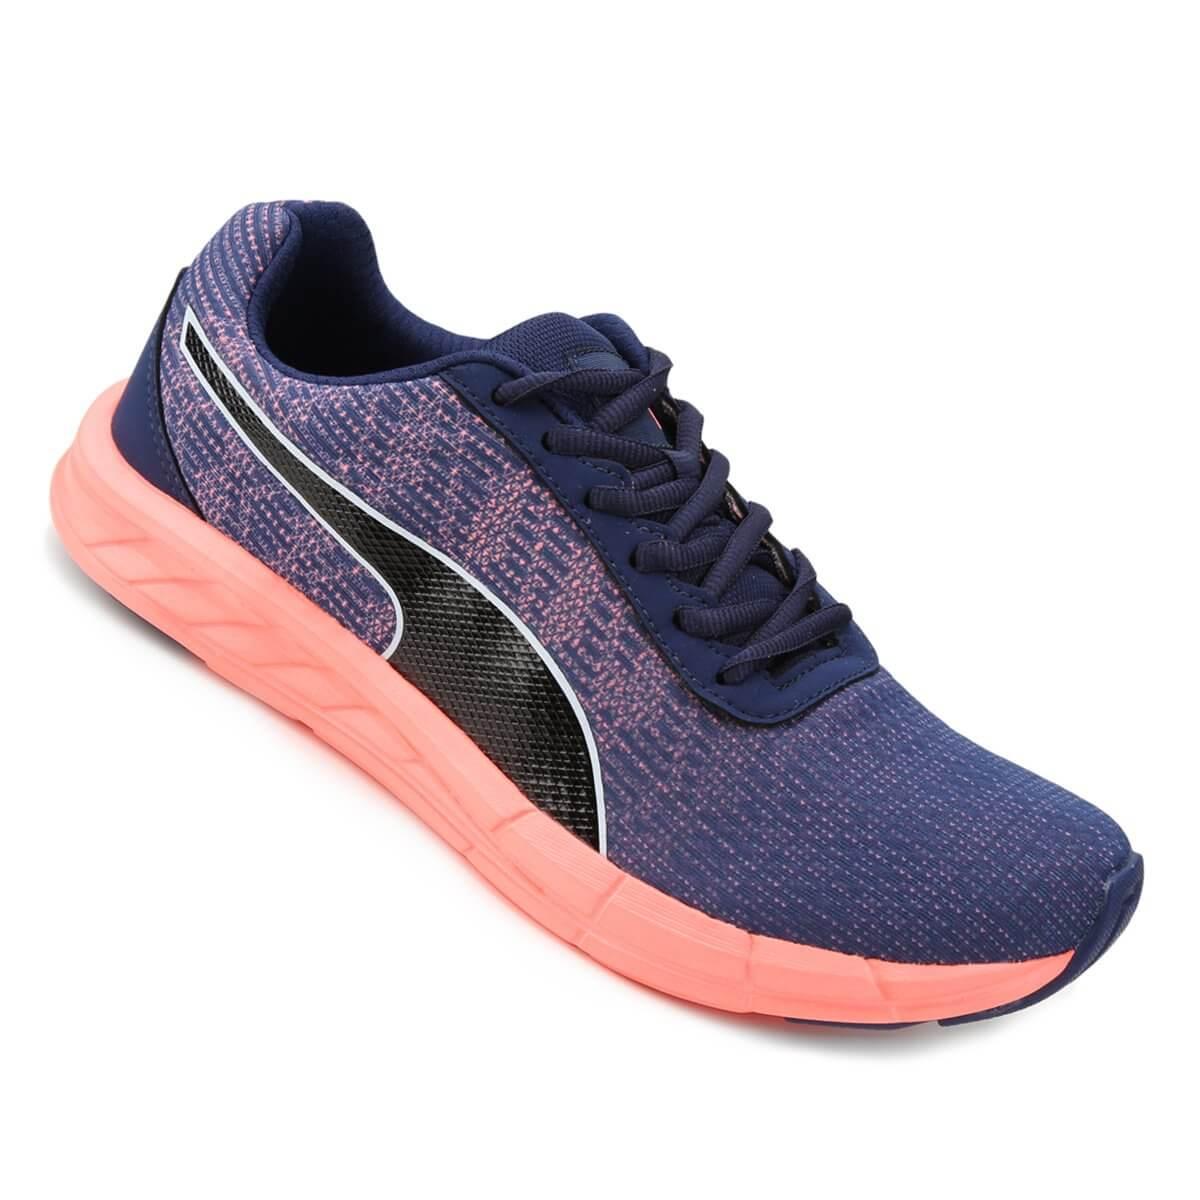 3bad165e9 Tênis Feminino Puma na Decker Online! Compre agora!